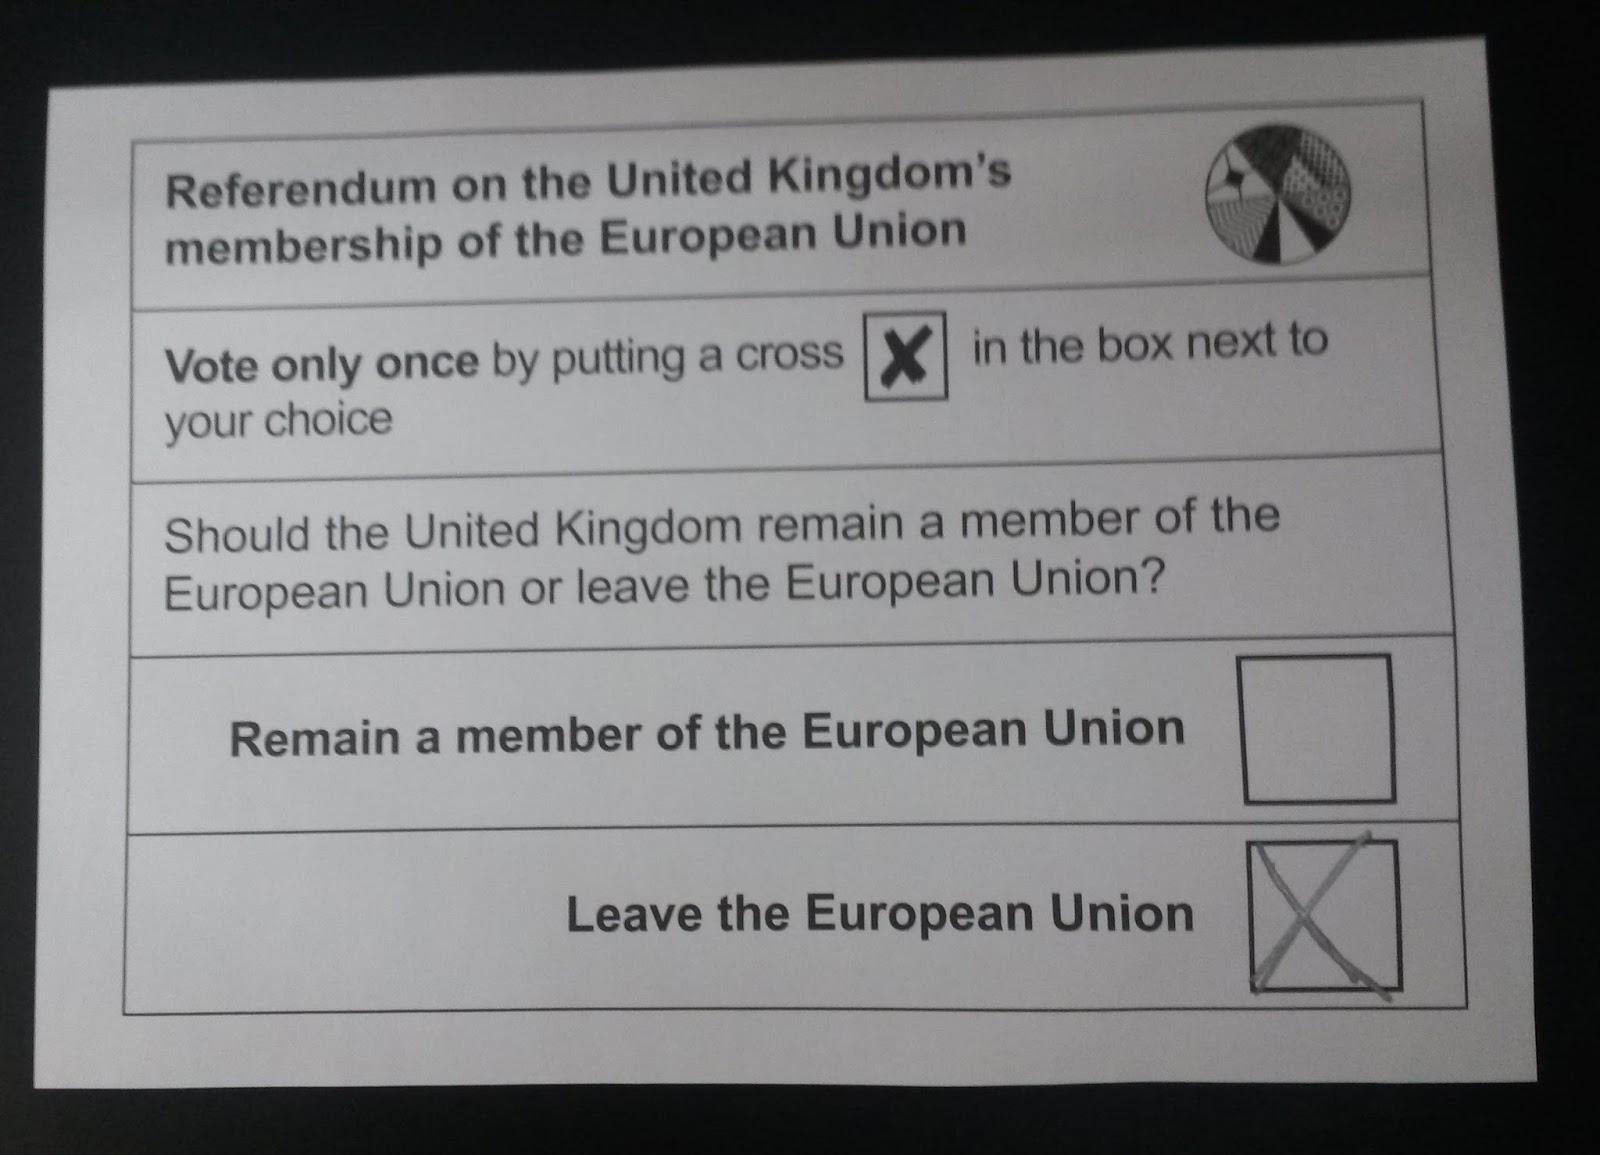 EU Referendum: Spoiling the narrative